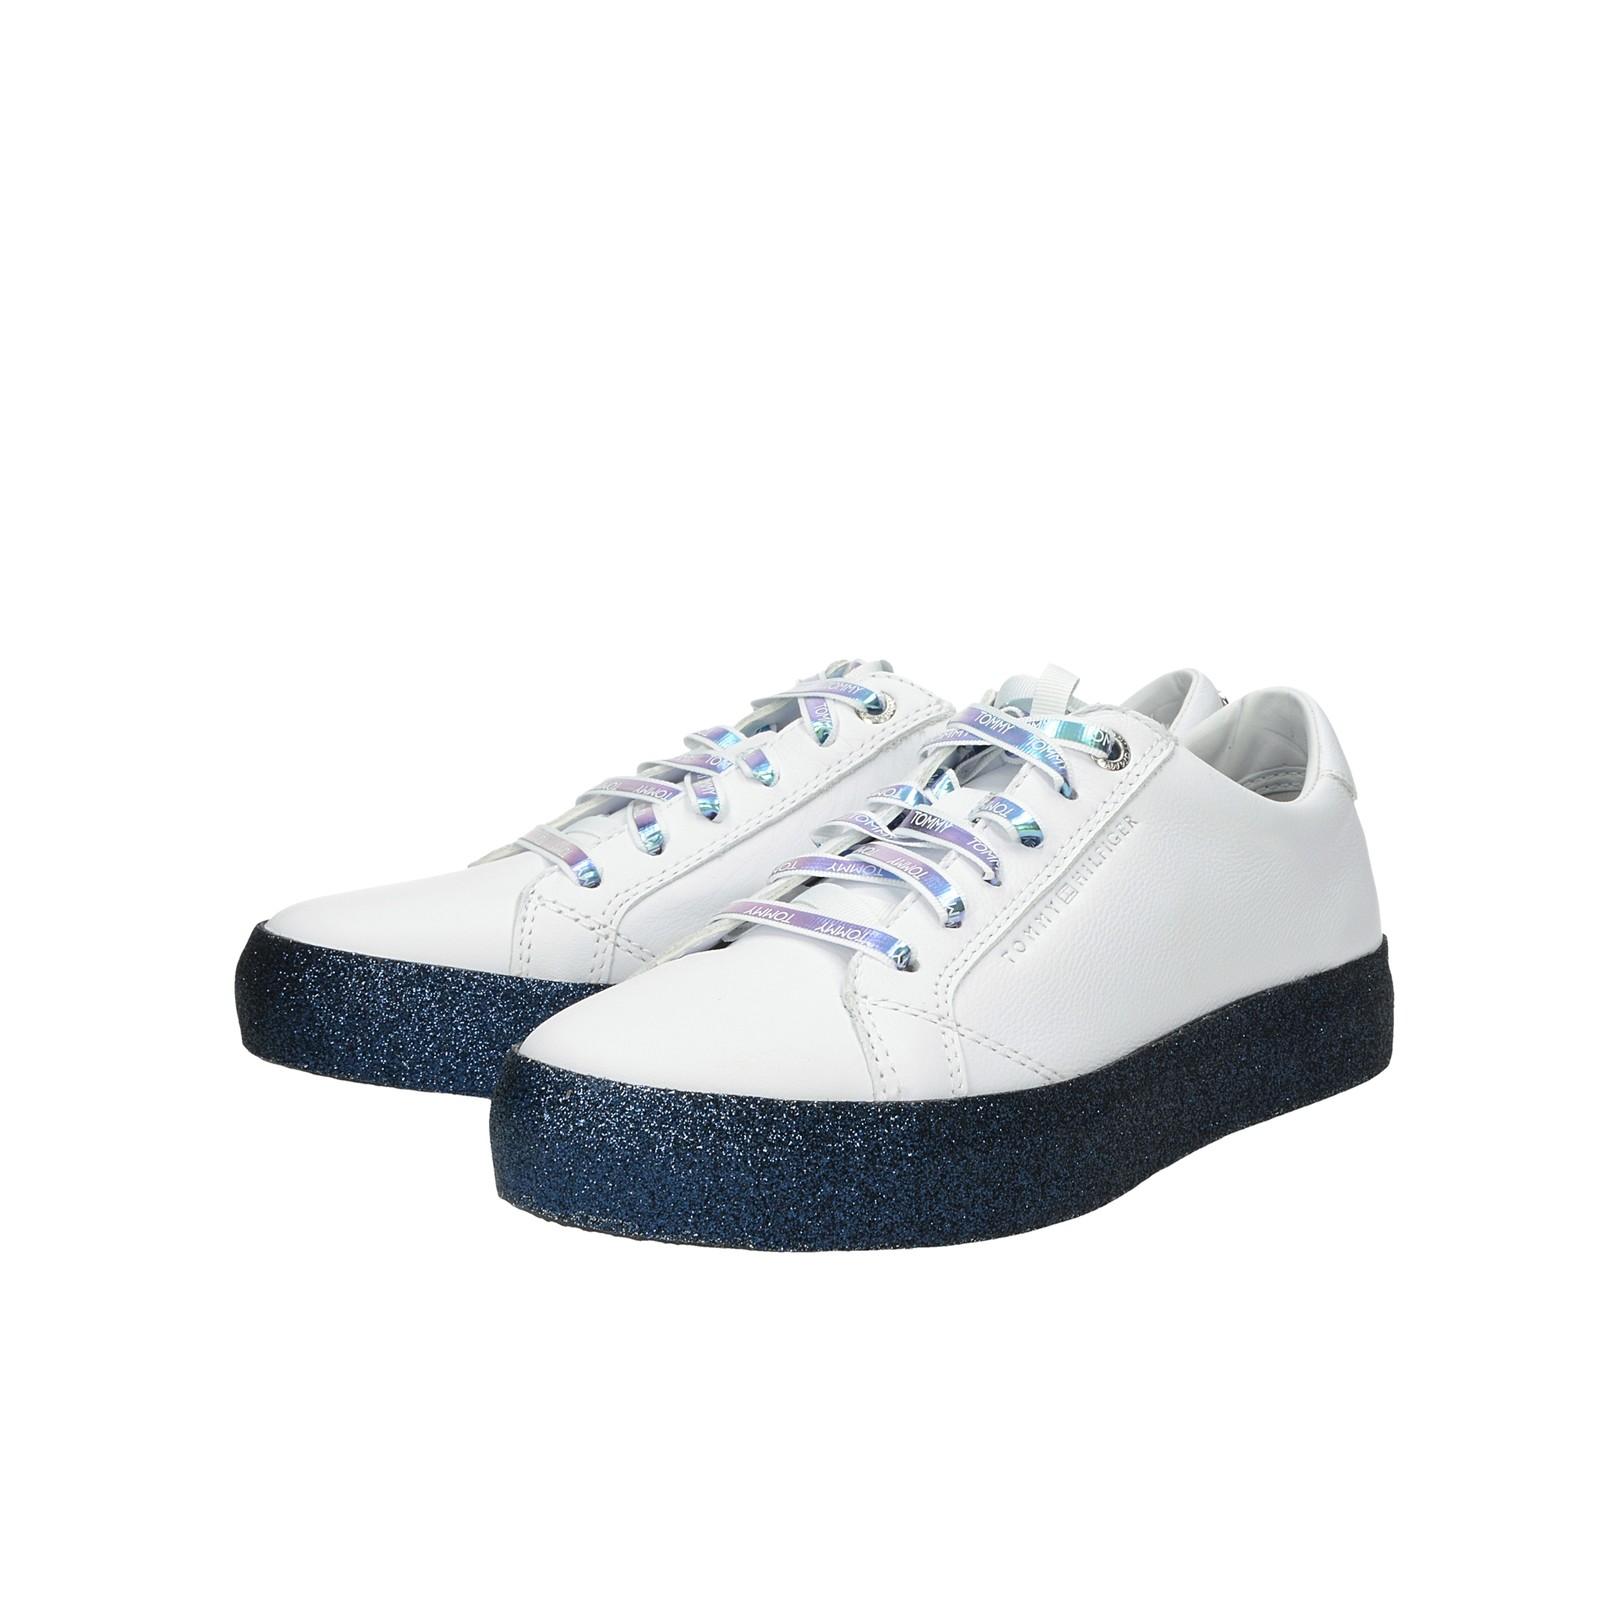 f37ba871ac50d Tommy Hilfiger dámske štýlové tenisky na platforme - biele ...